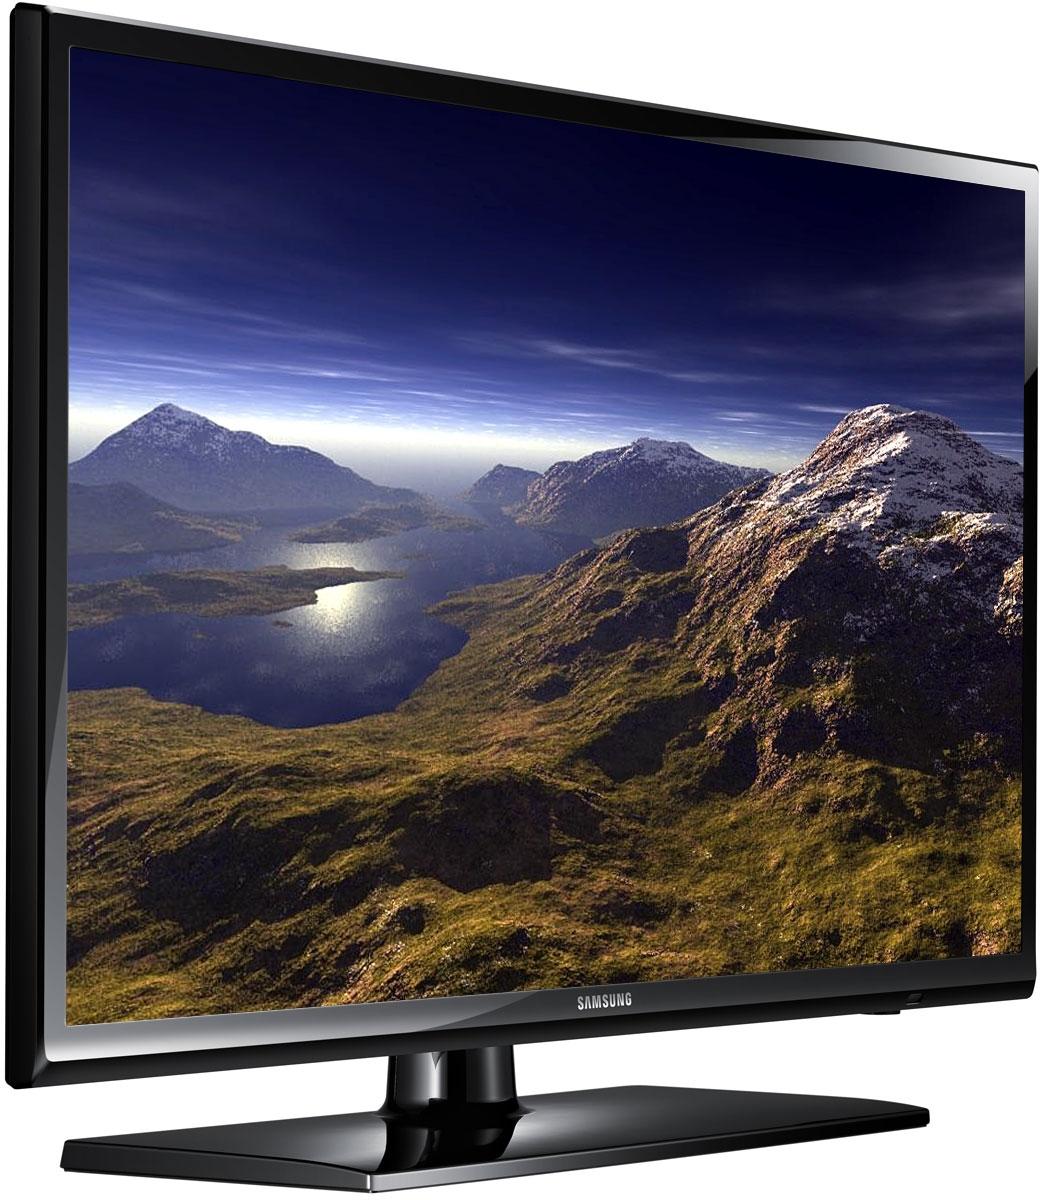 Samsung 39 1080P LED HDTV